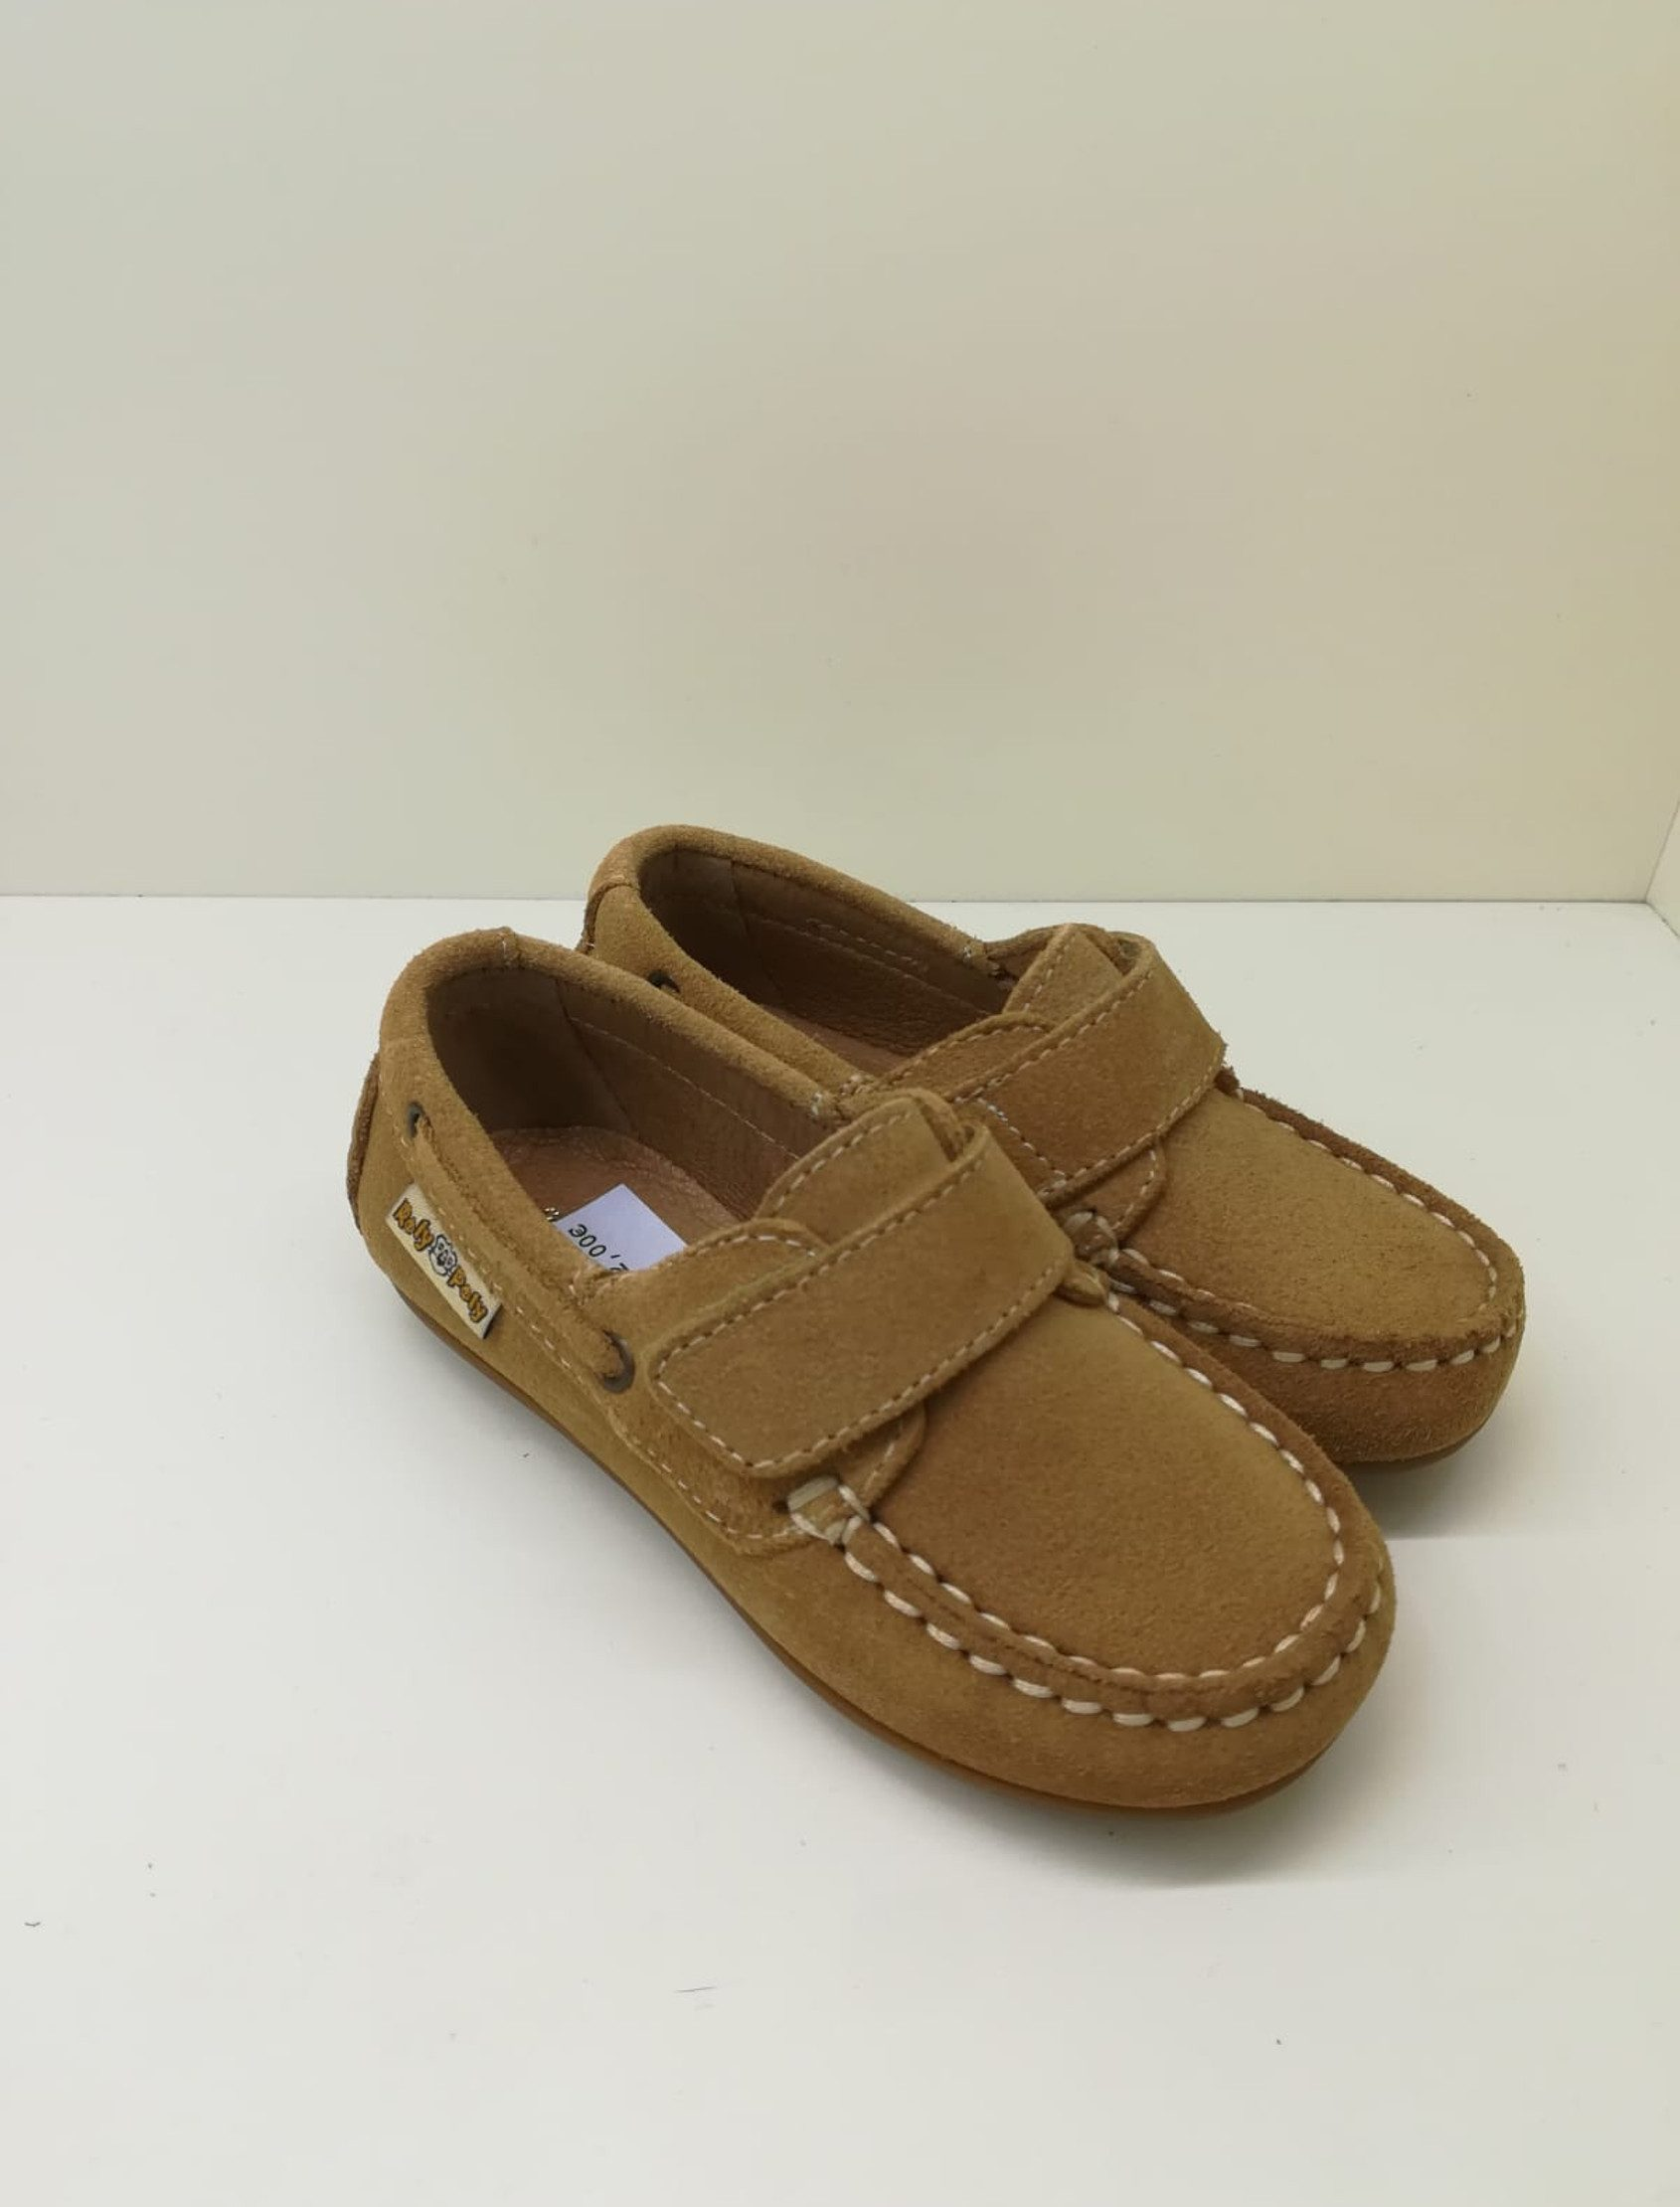 Zapato nautico en serraje camel con velcro. Un básico perfecto para cualquier niño.